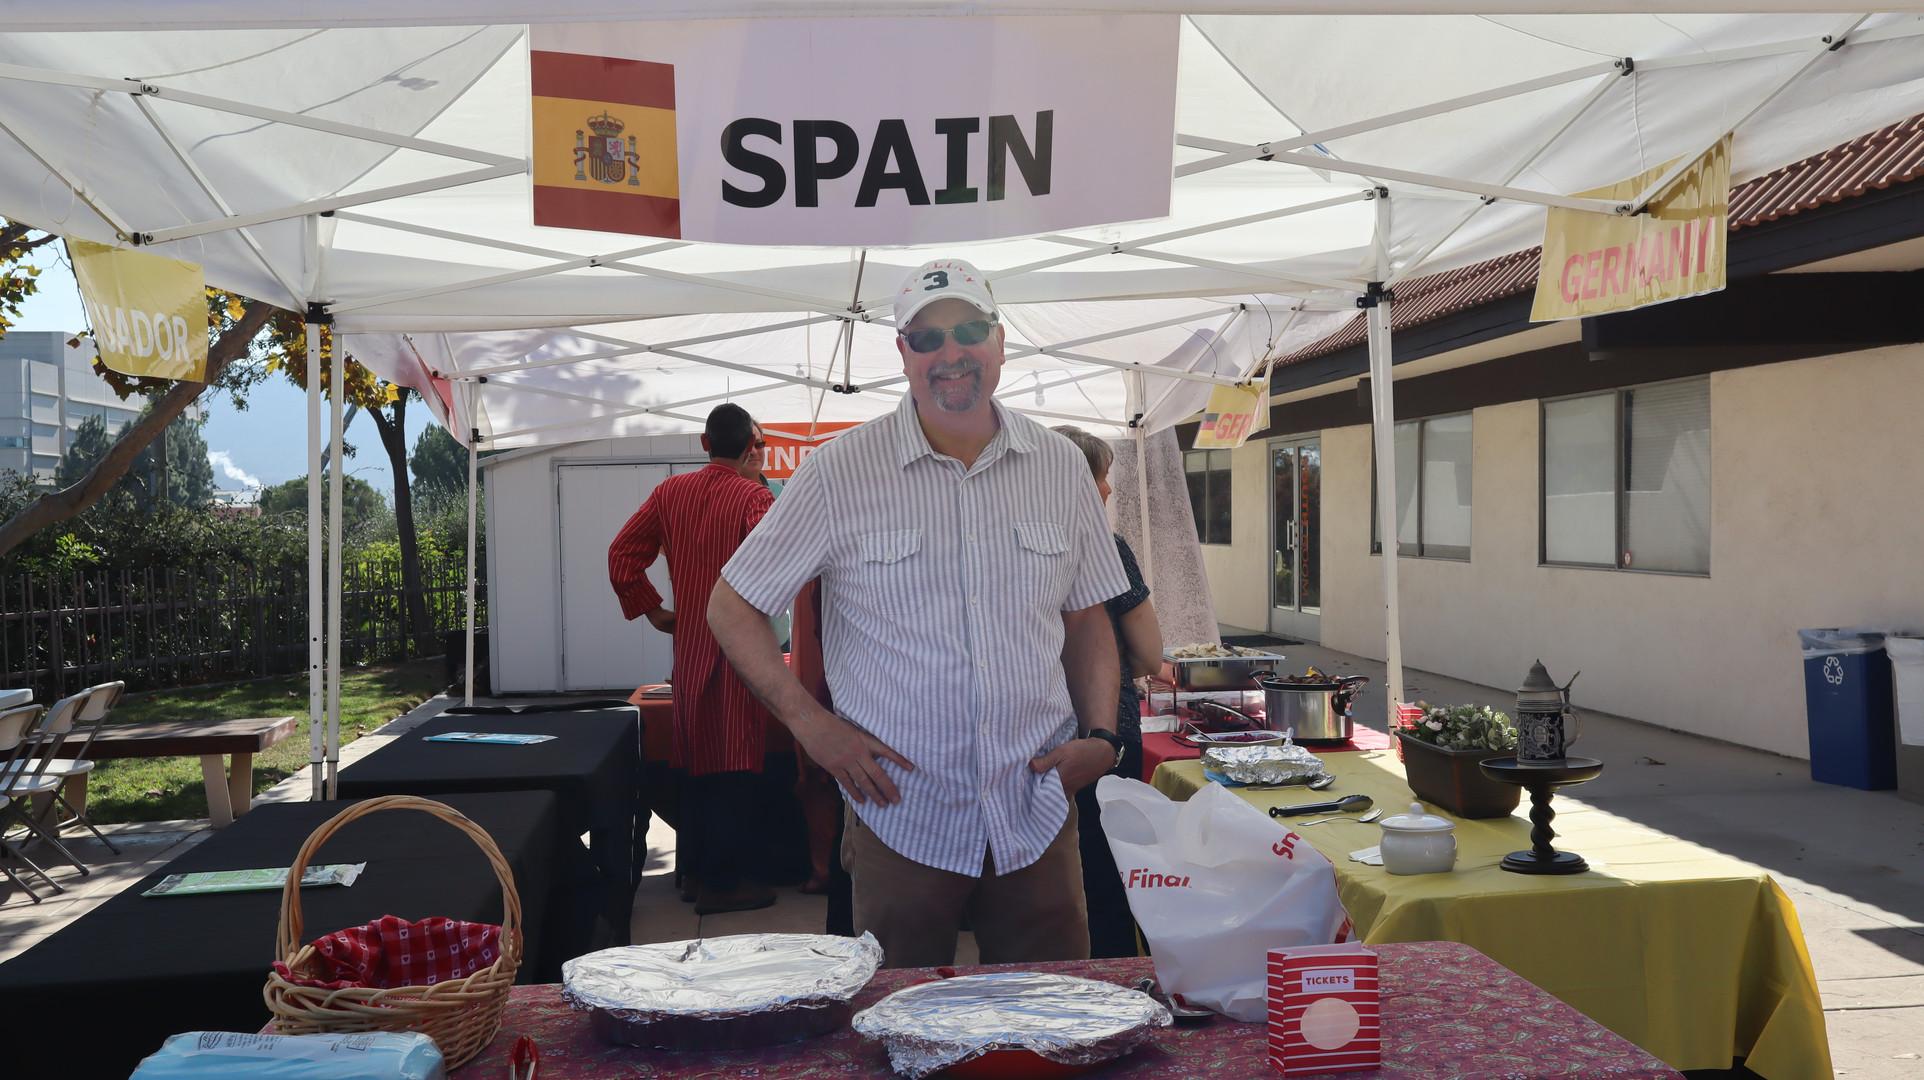 Spain Walls.JPG